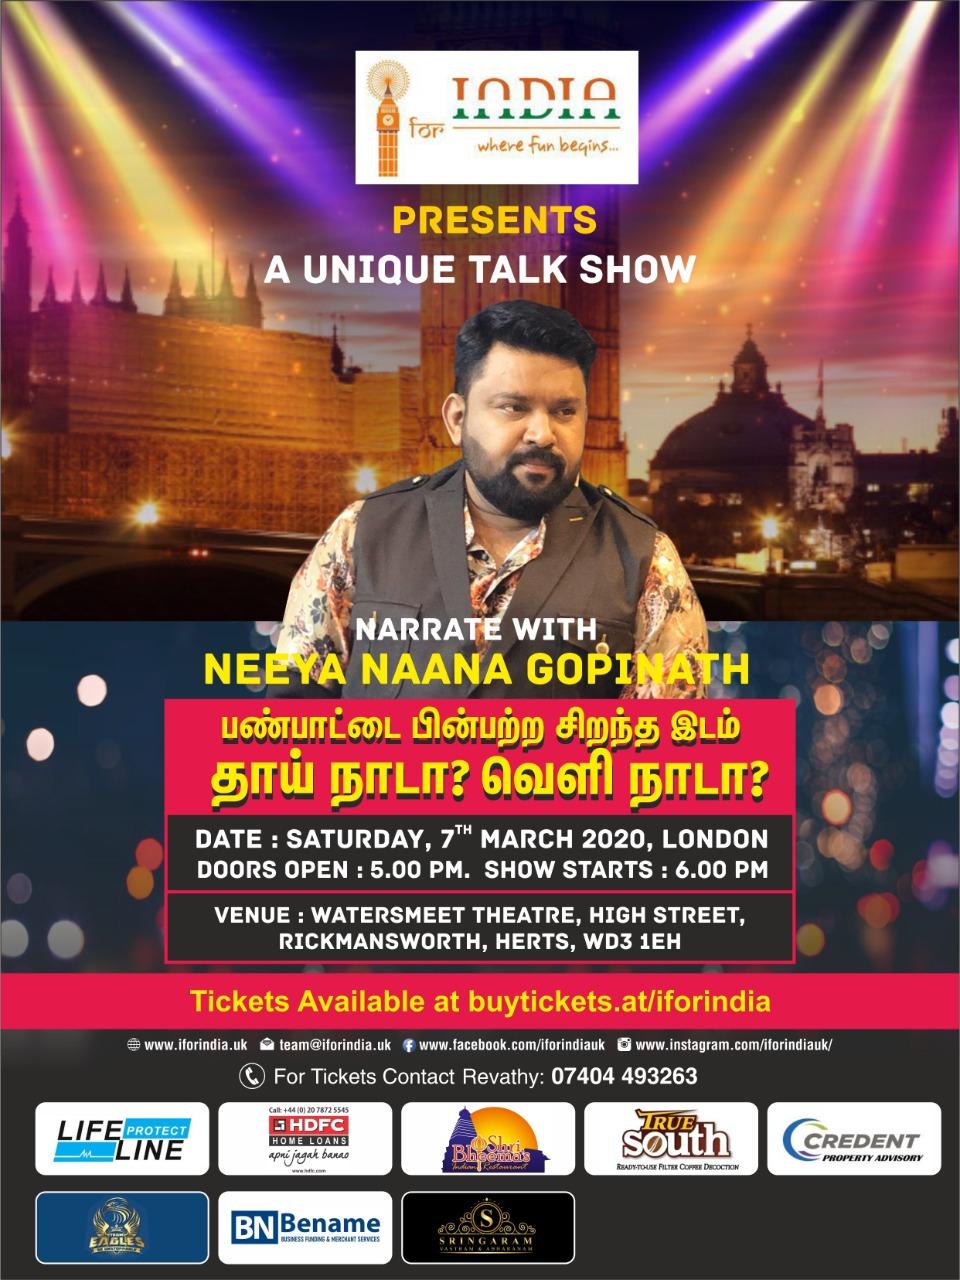 Neeya Naana UK show